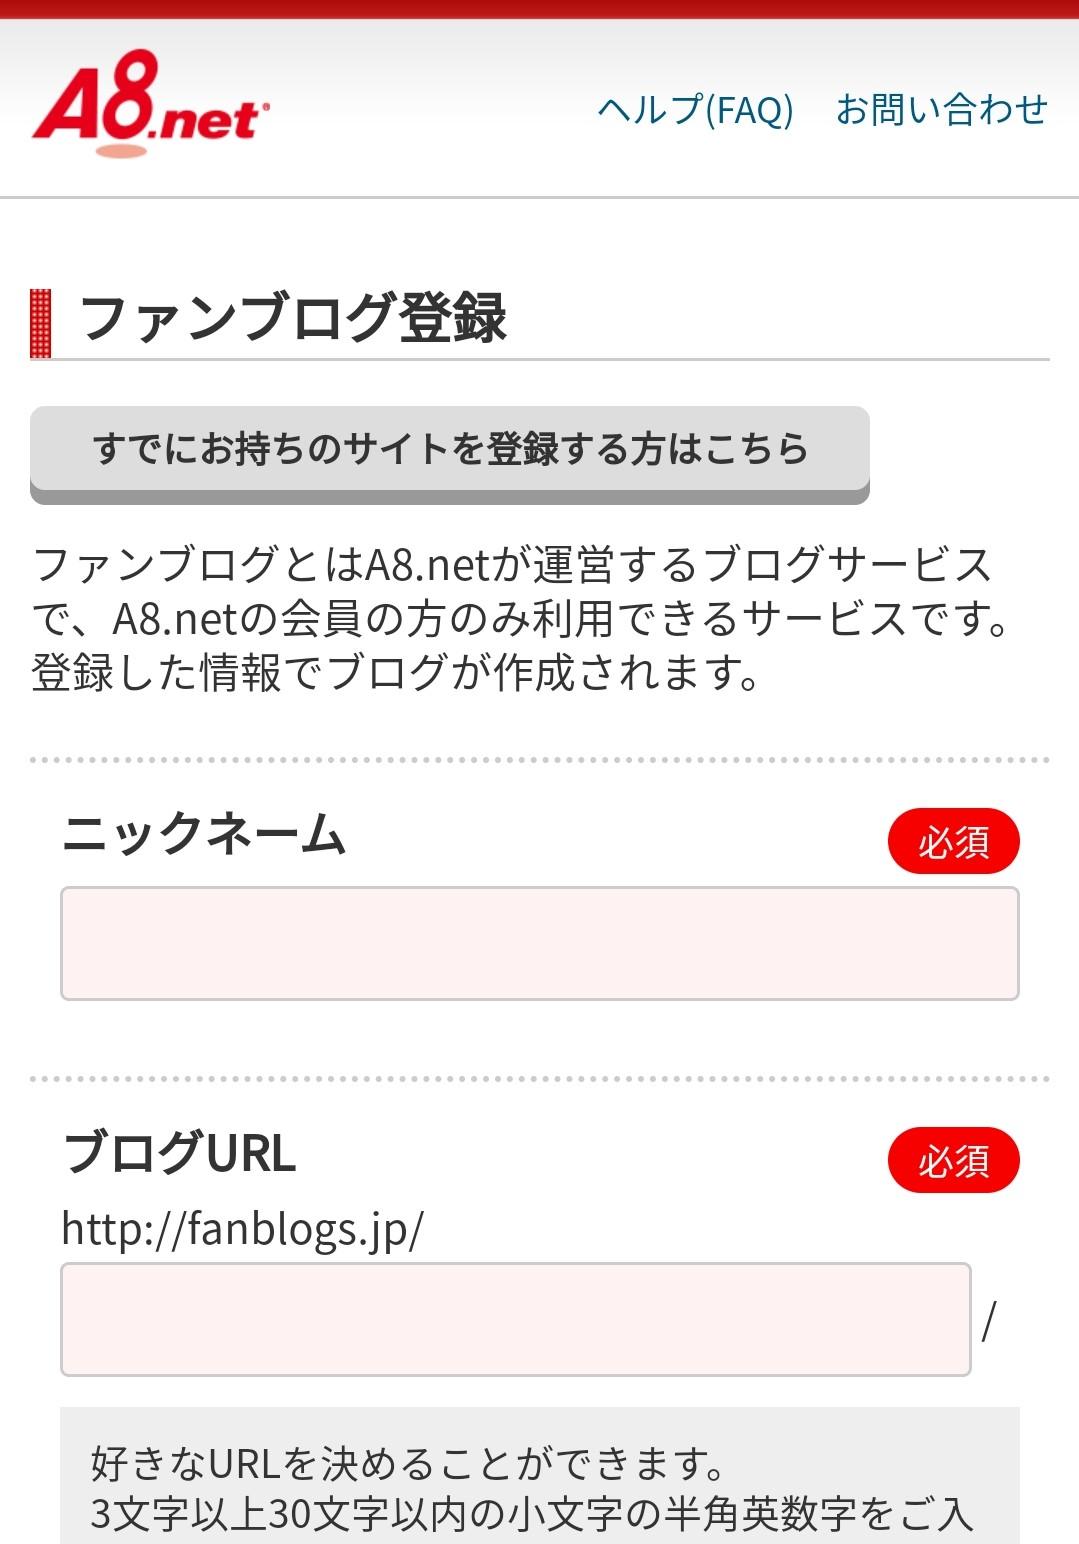 仮ブログの登録画面